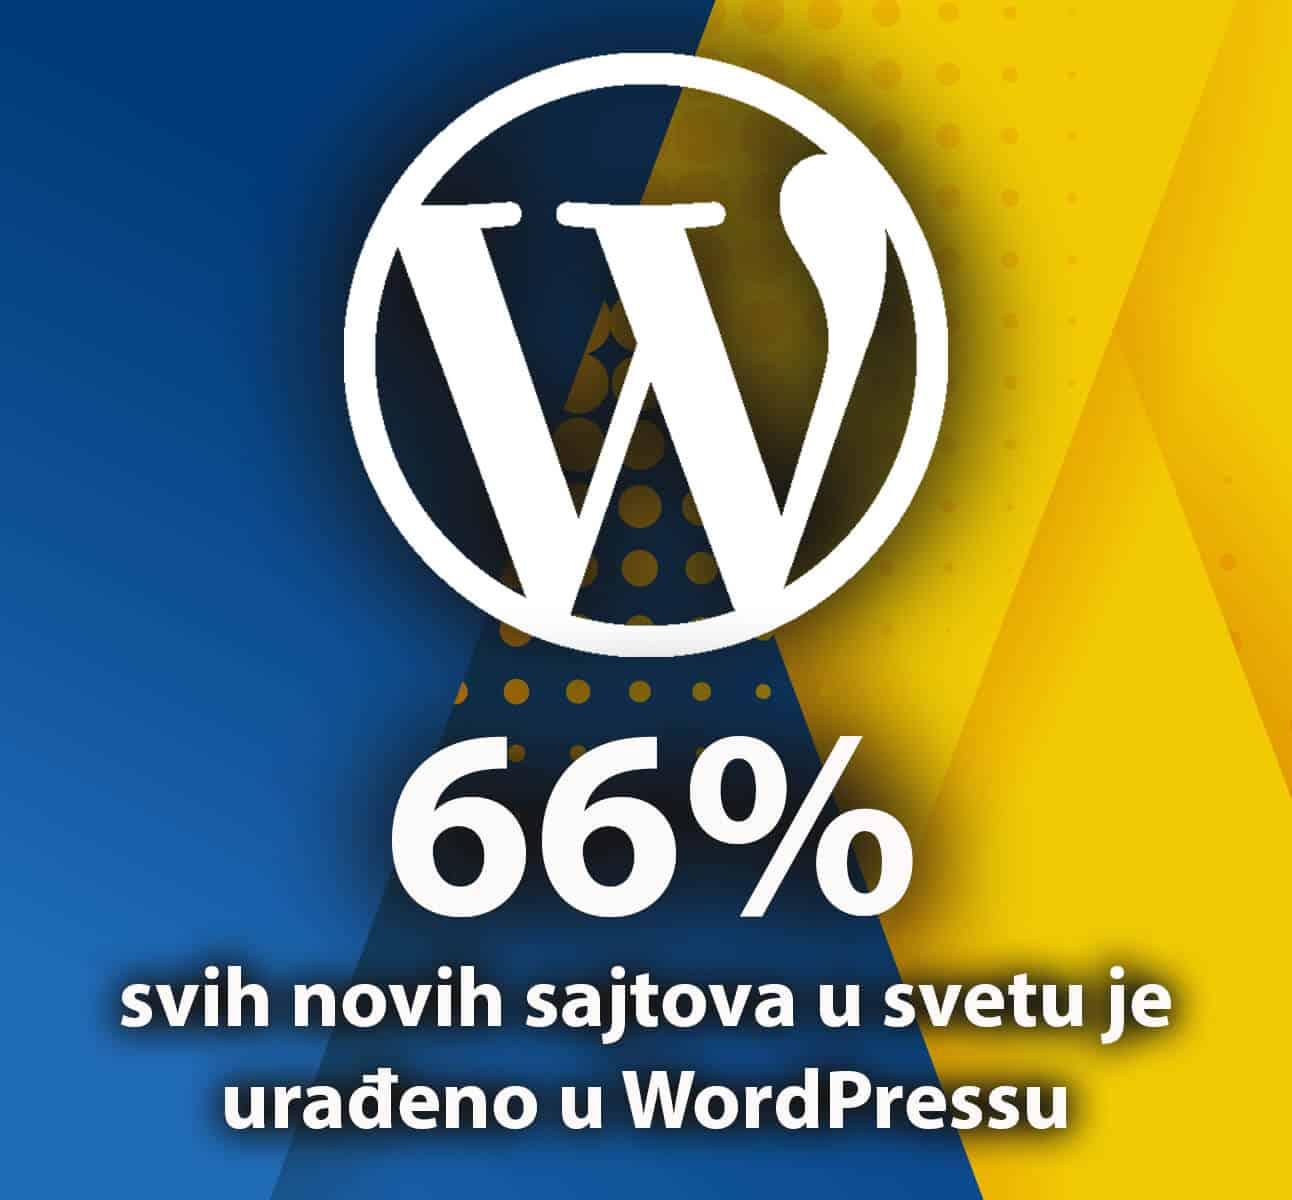 izrada novog sajta u wordpressu